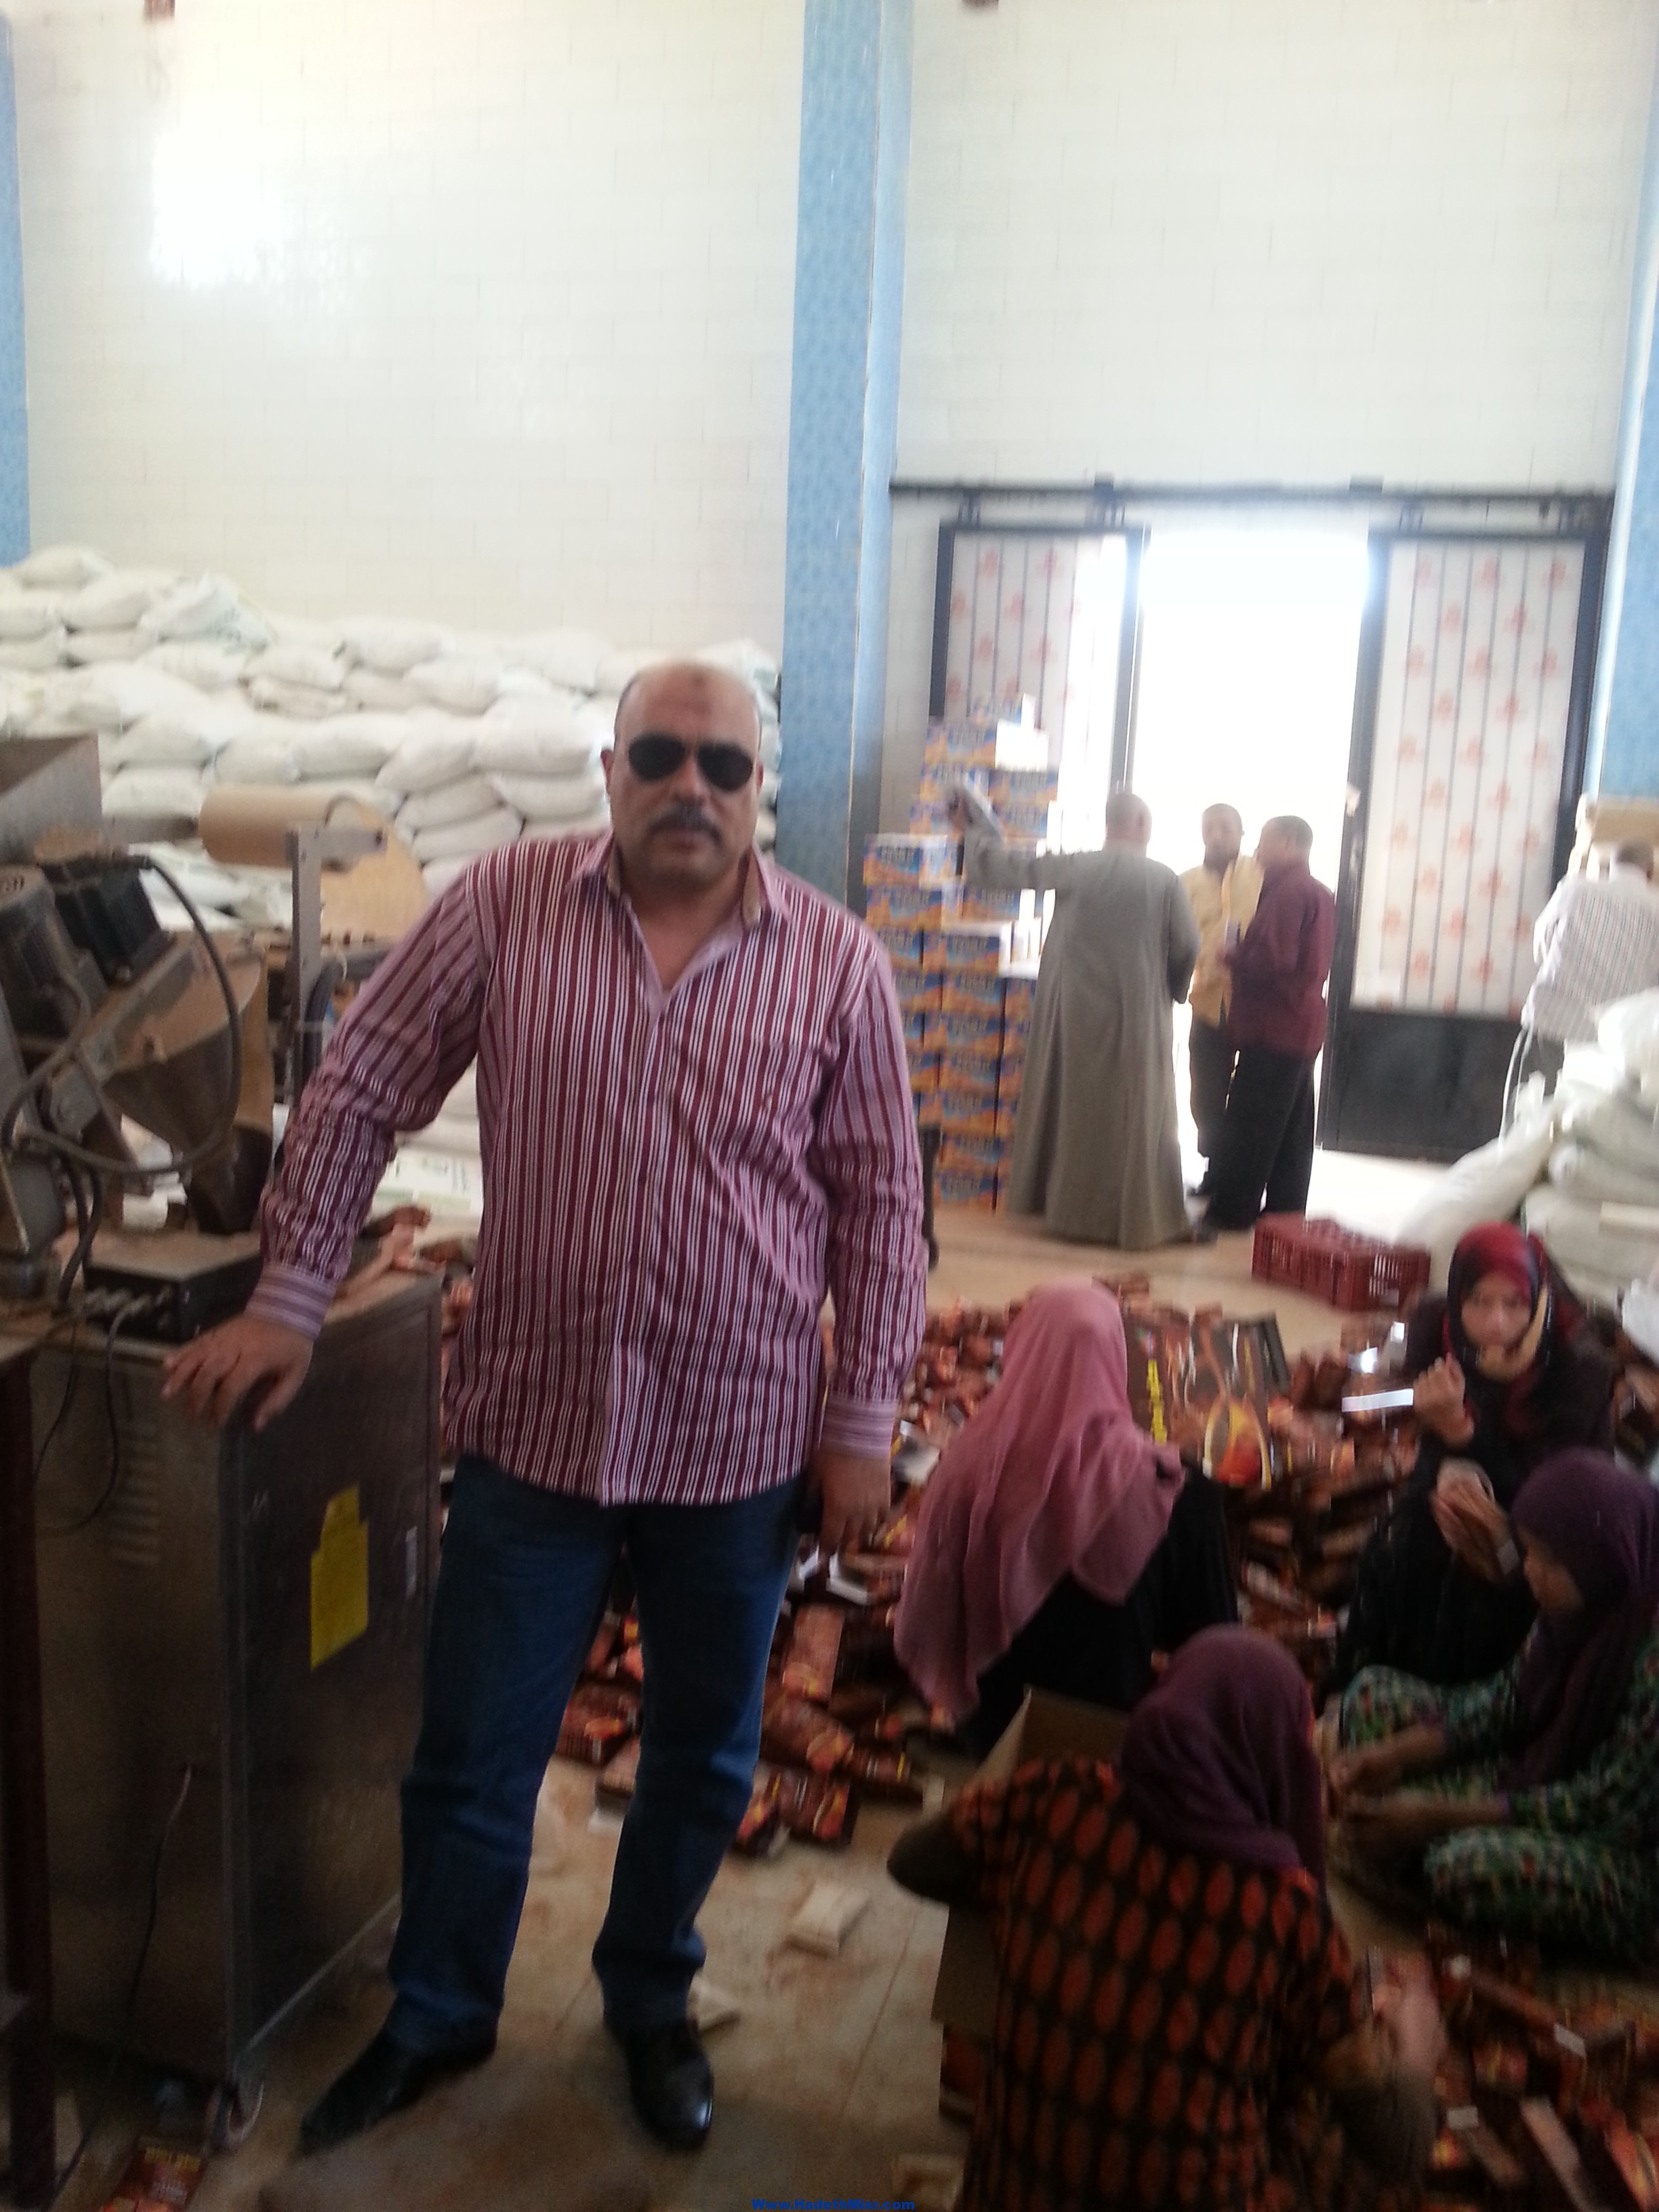 بالصورة ..ضبط 2 طن مواد غذائية منتهية الصلاحية في مصنع عصائر  بسوهاج